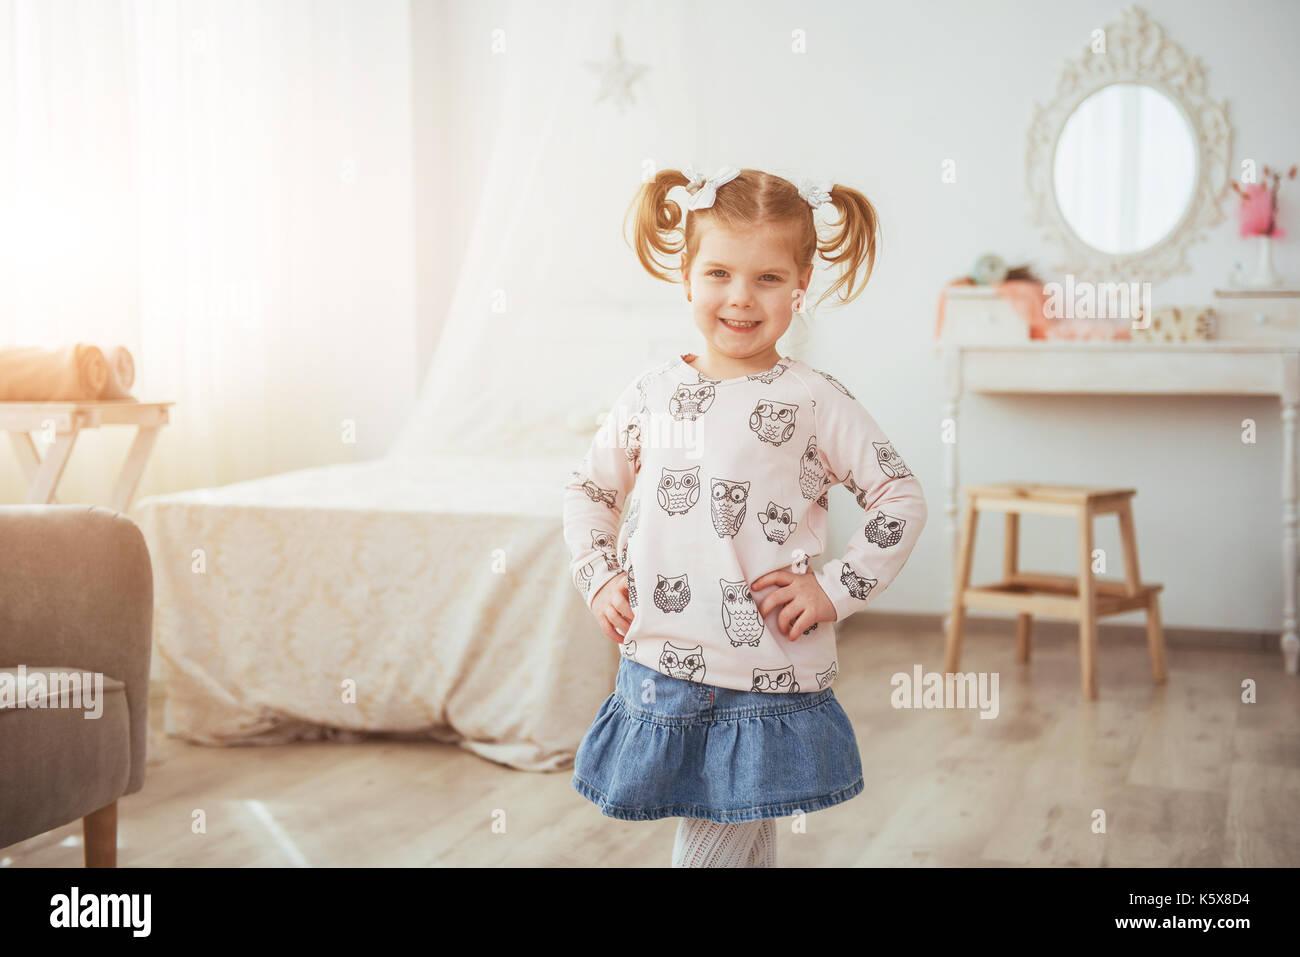 Glückliches Gesicht lustig Mädchen. In einem hellen Zimmer Stockbild